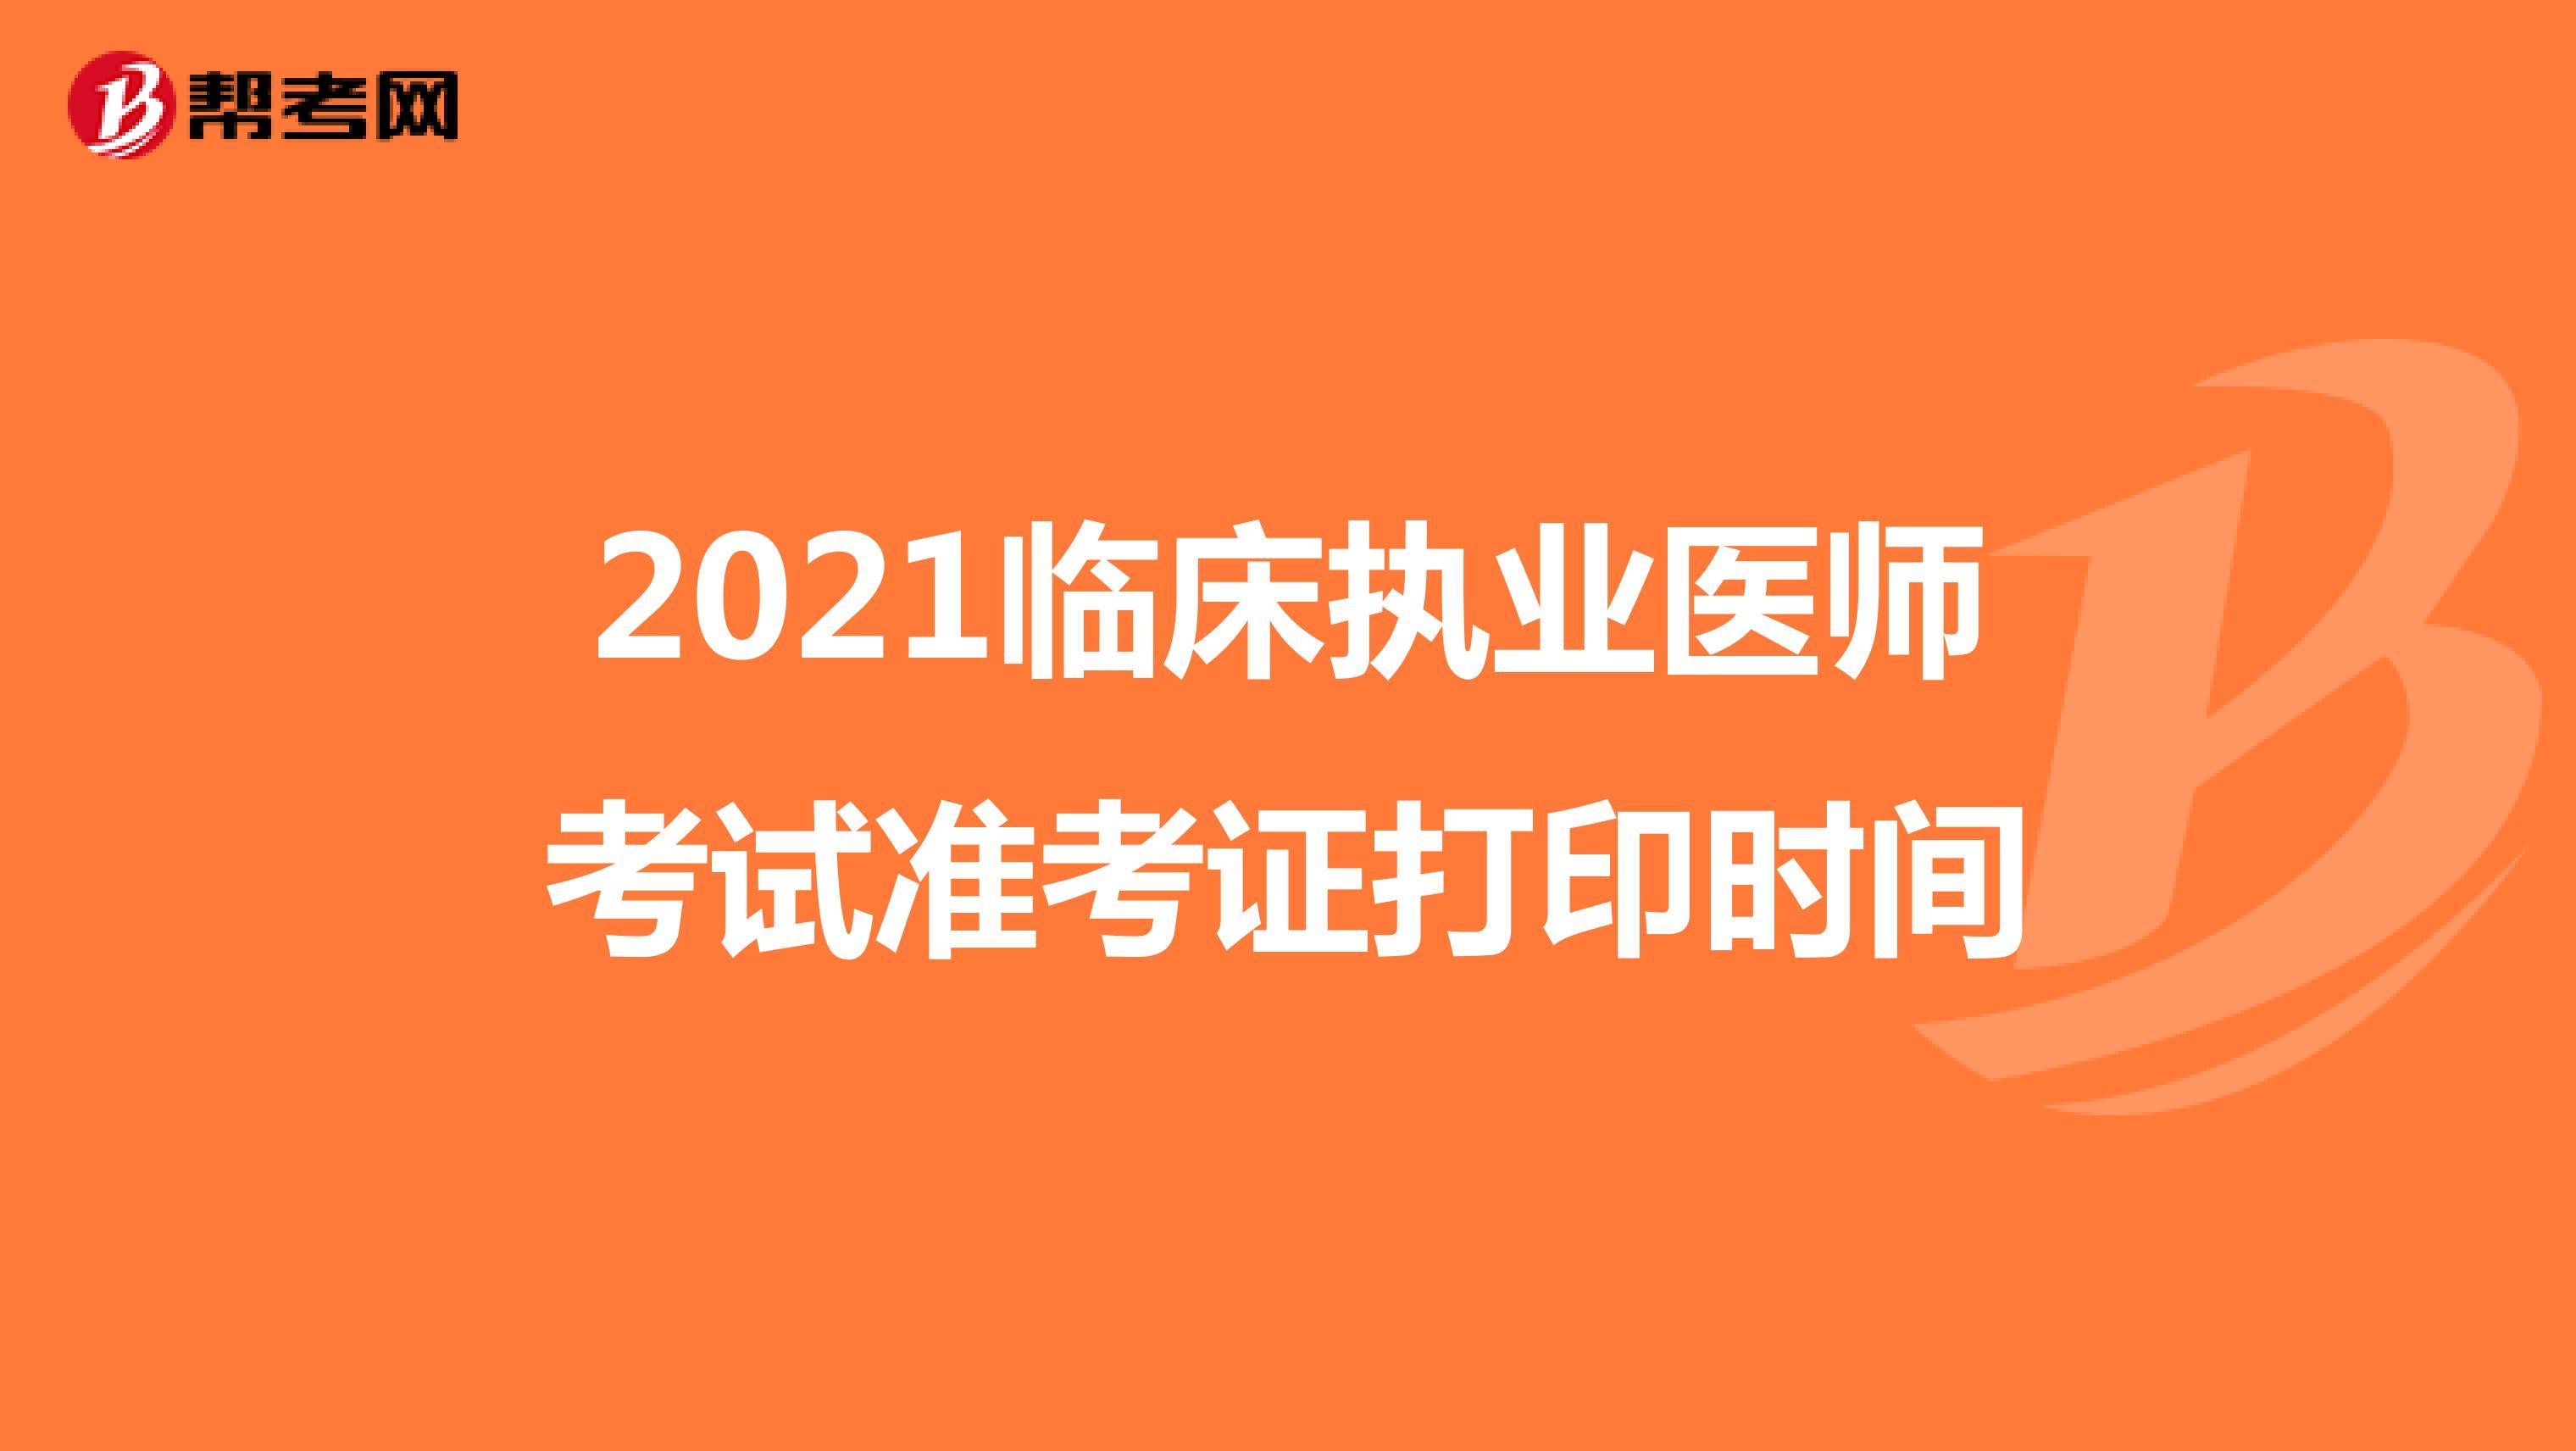 2021临床执业医师考试准考证打印时间